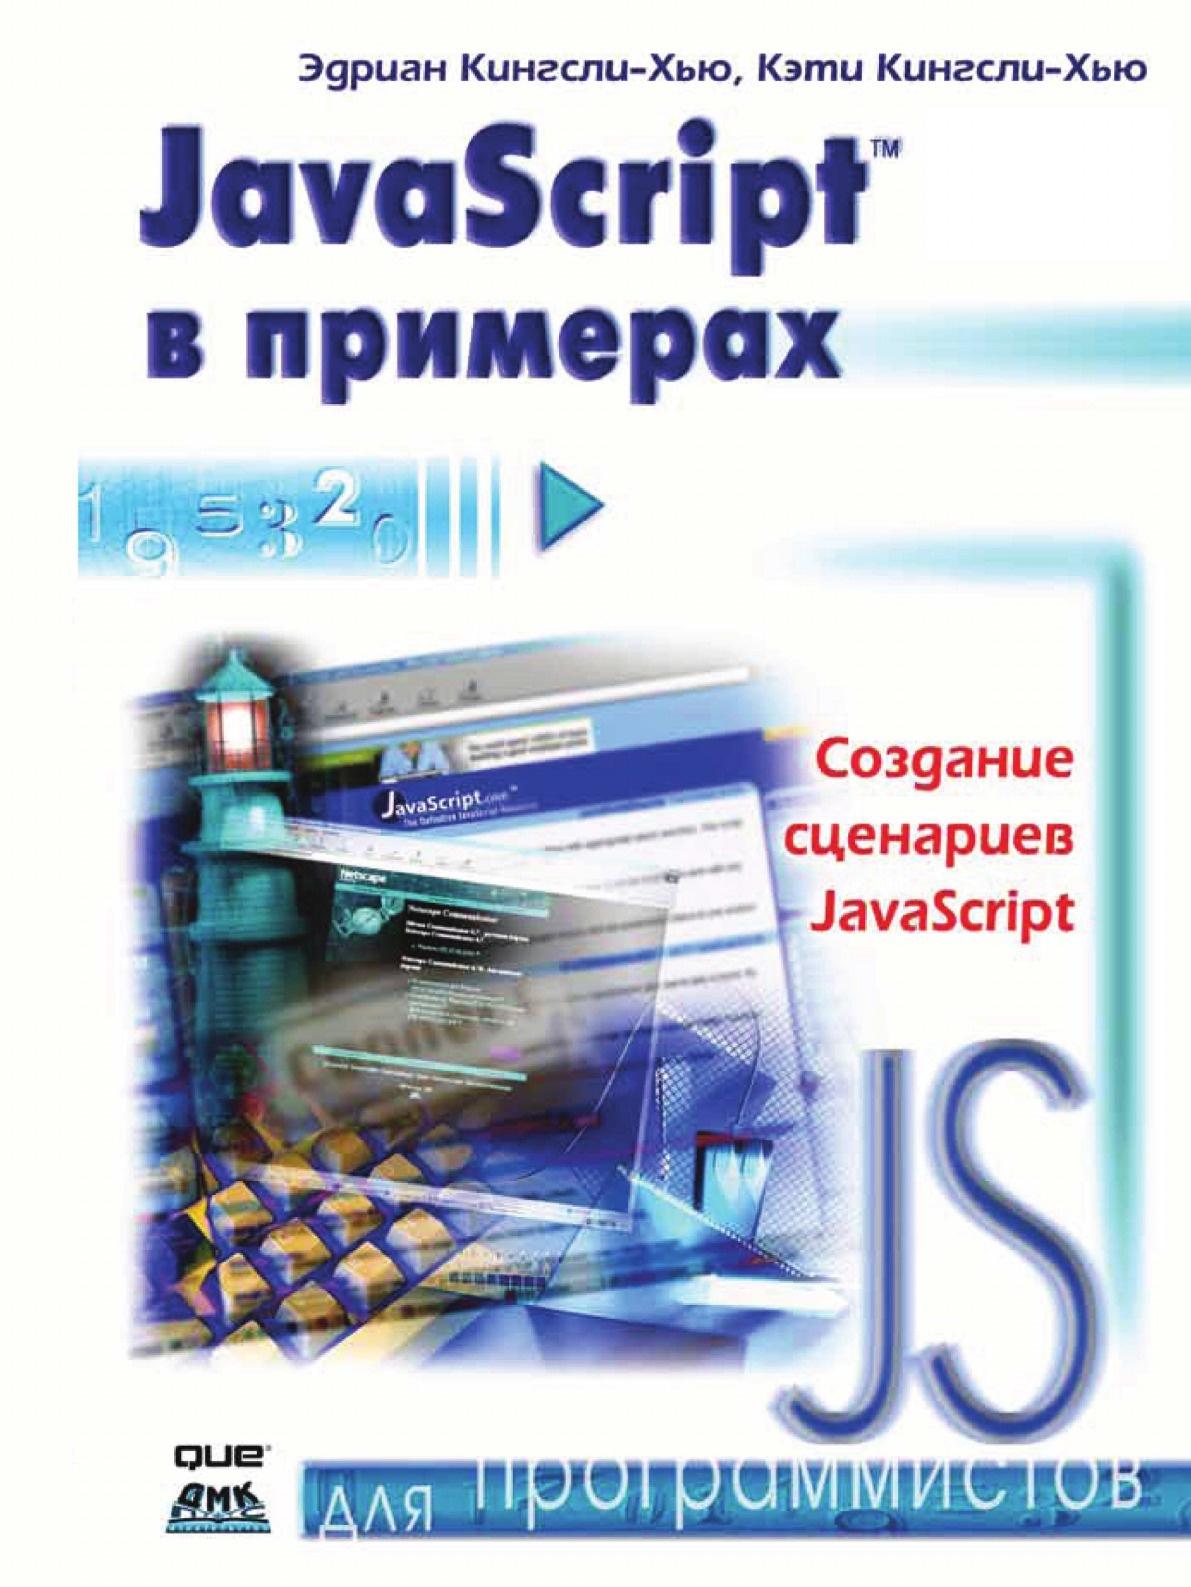 Э. Кингсли-Хью, К. Кингсли-Хью JavaScript в примерах